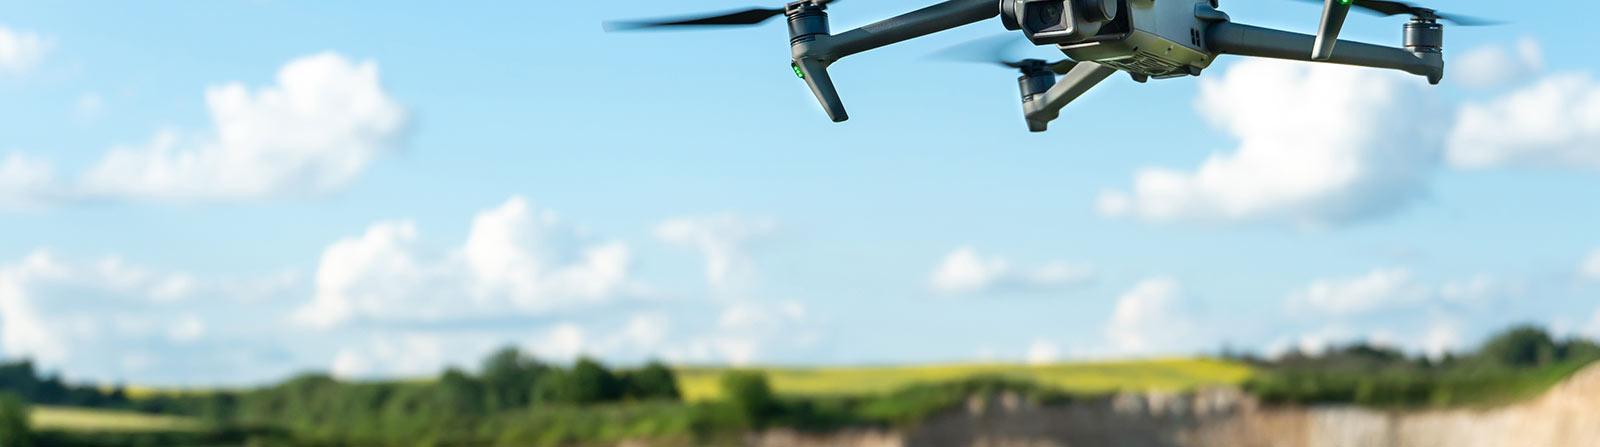 dronevision-slider-3